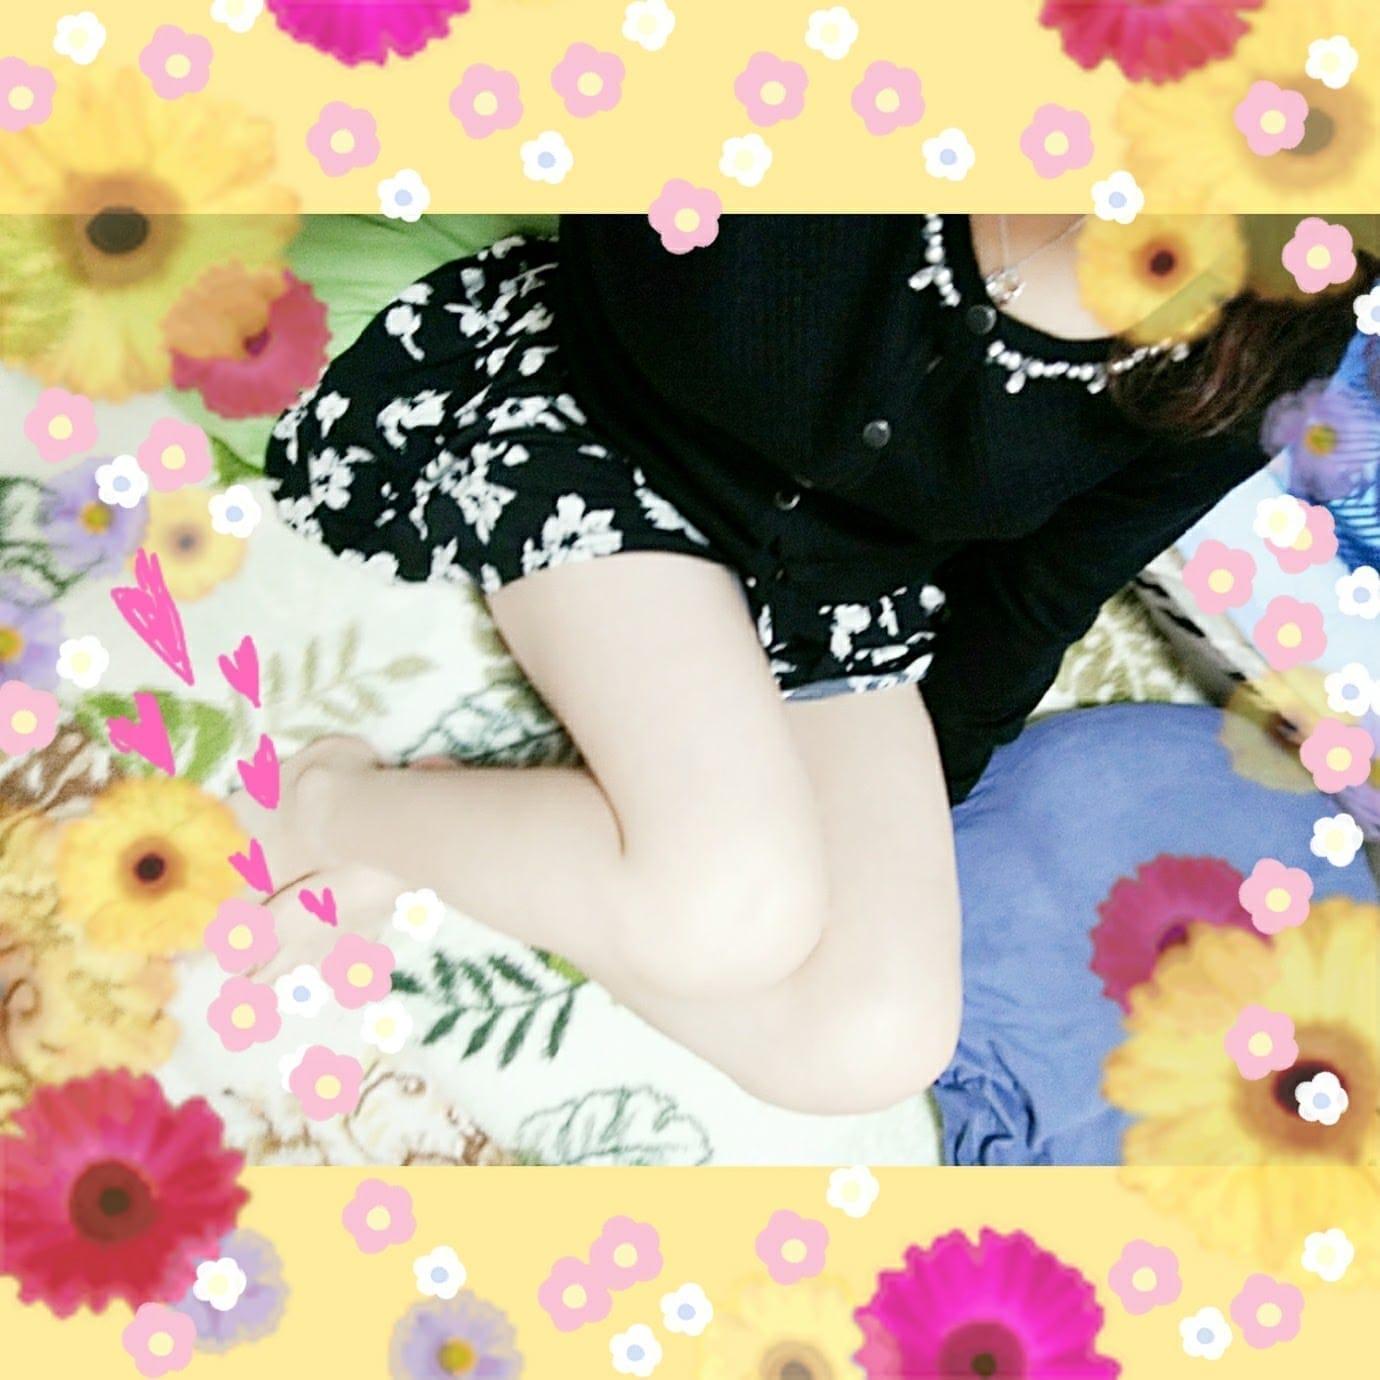 「お休みです」03/19(月) 02:10 | ちえの写メ・風俗動画